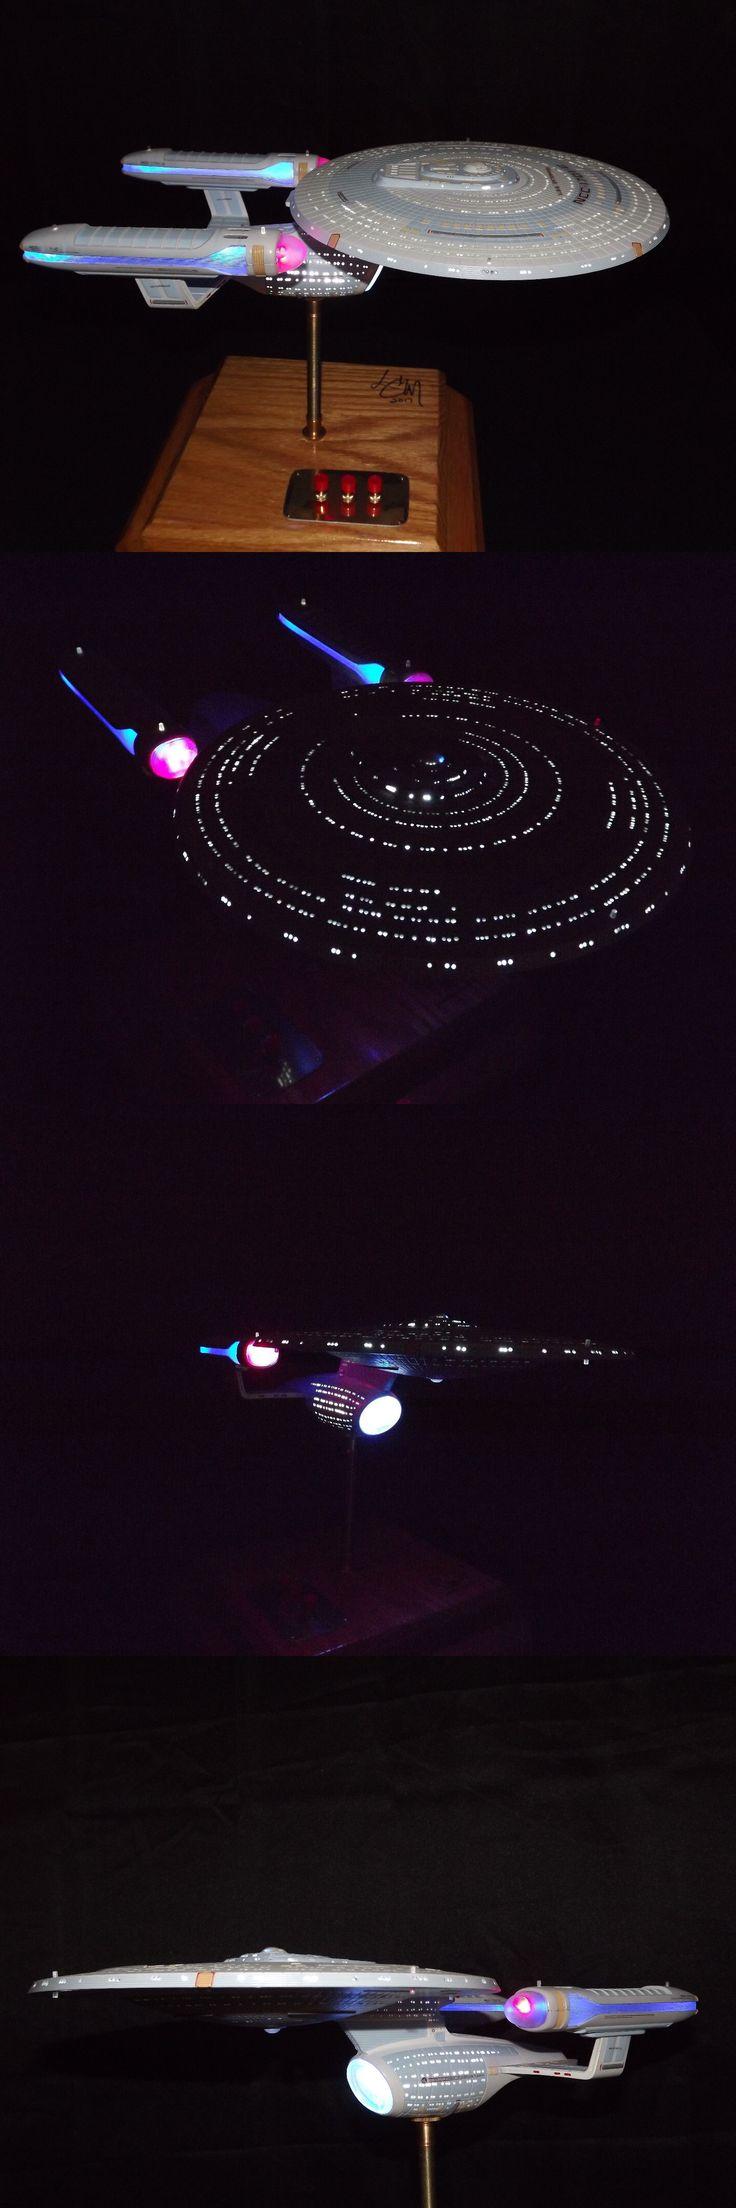 Star Trek 49211: Star Trek Enterprise C Amt Model Ledlit Pro Built Collectible -> BUY IT NOW ONLY: $875 on eBay!